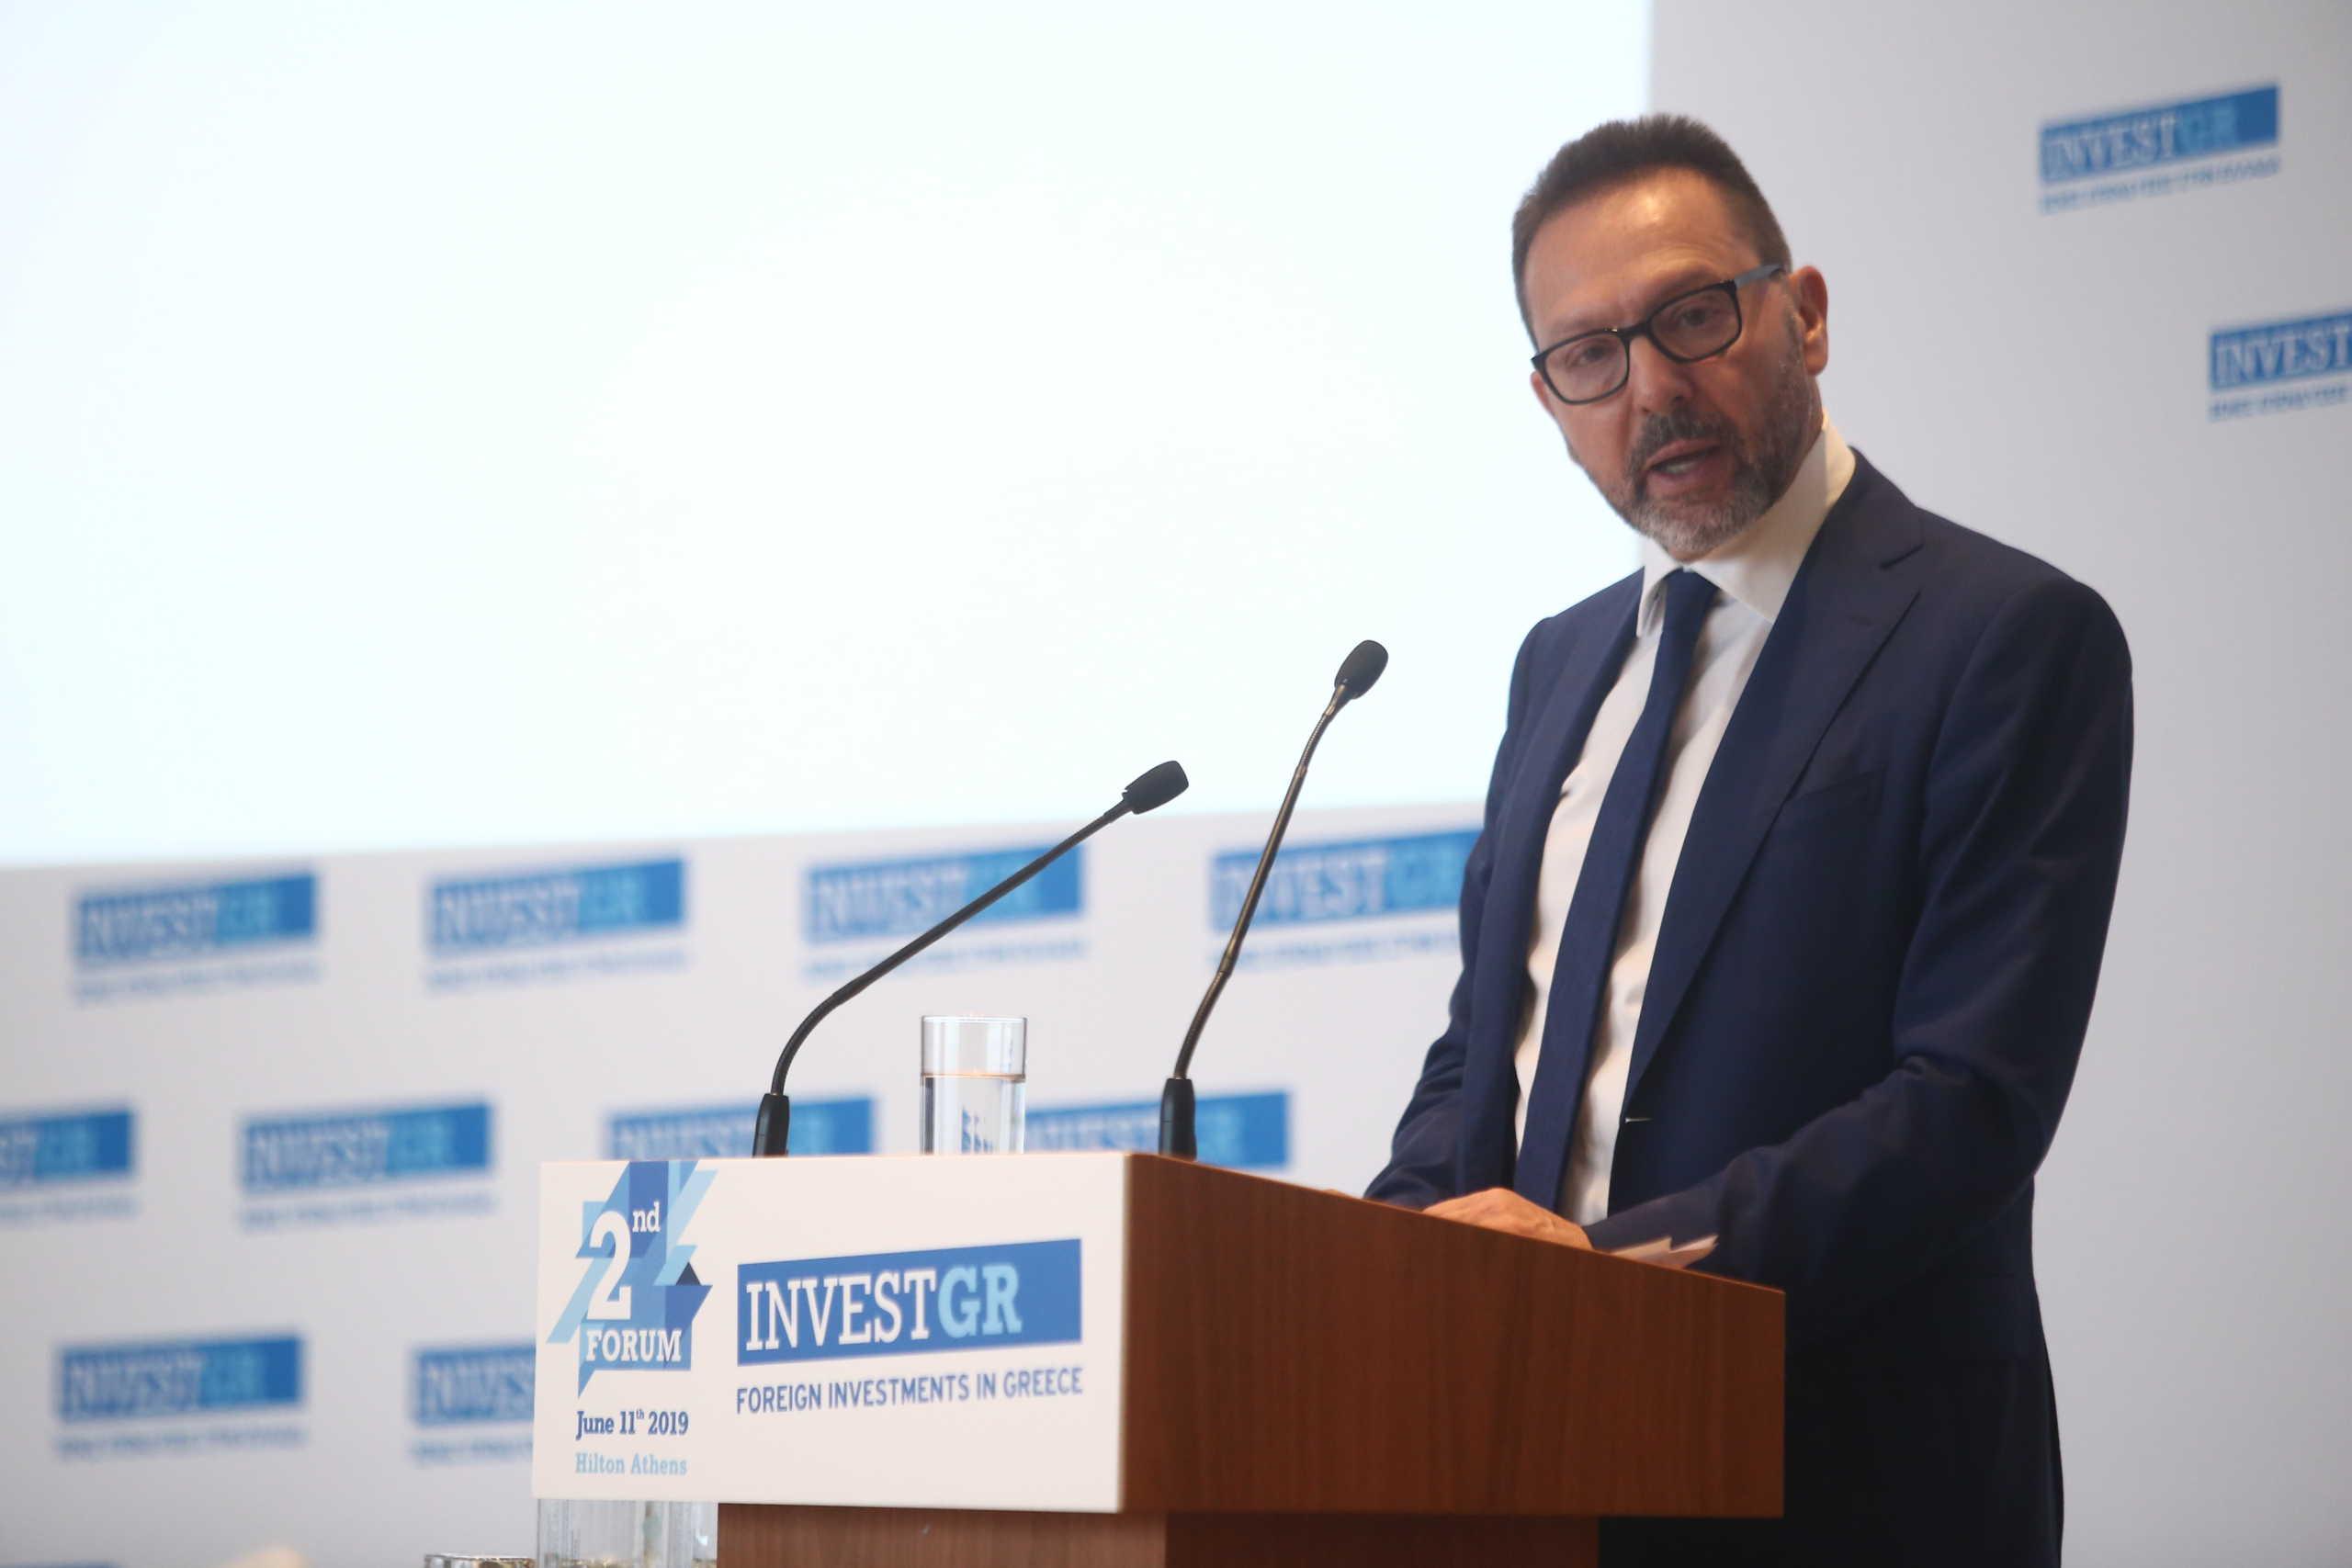 Ο Στουρνάρας προβλέπει μηδενικό ρυθμό ανάπτυξης το 2020